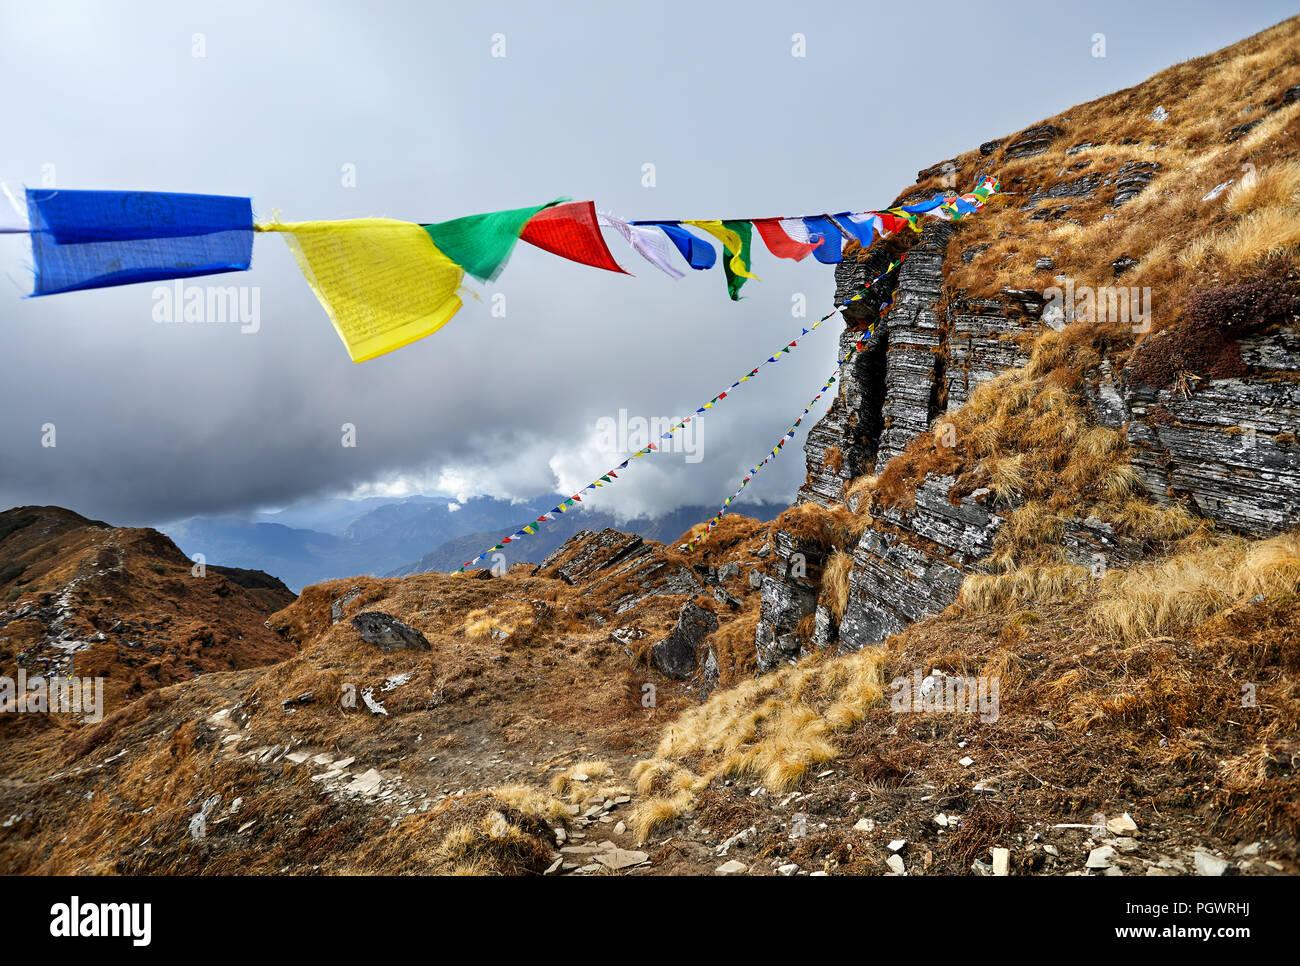 Les rochers et les drapeaux de prière Tibetains Lung Ta au camp de base à l'Himal Mardi Nuageux sommets de montagnes de l'Himalaya au Népal Photo Stock